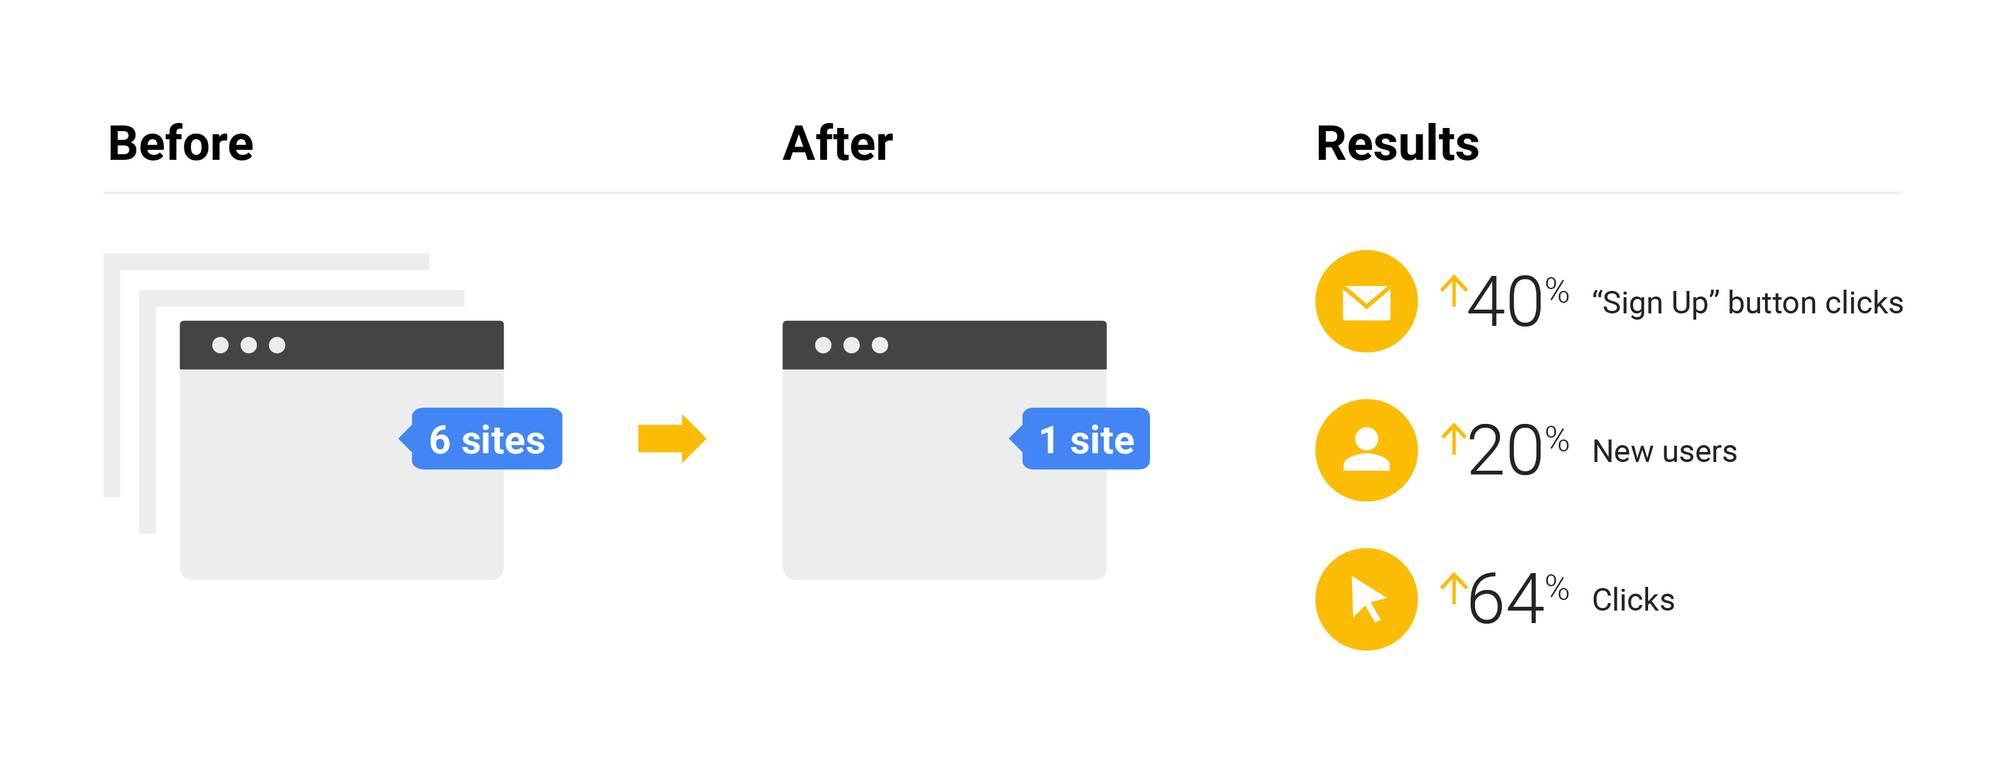 گوگل: داشتن یک وب سایت عالی، بسیار بهتر از داشتن چندین وب سایت معمولی است!